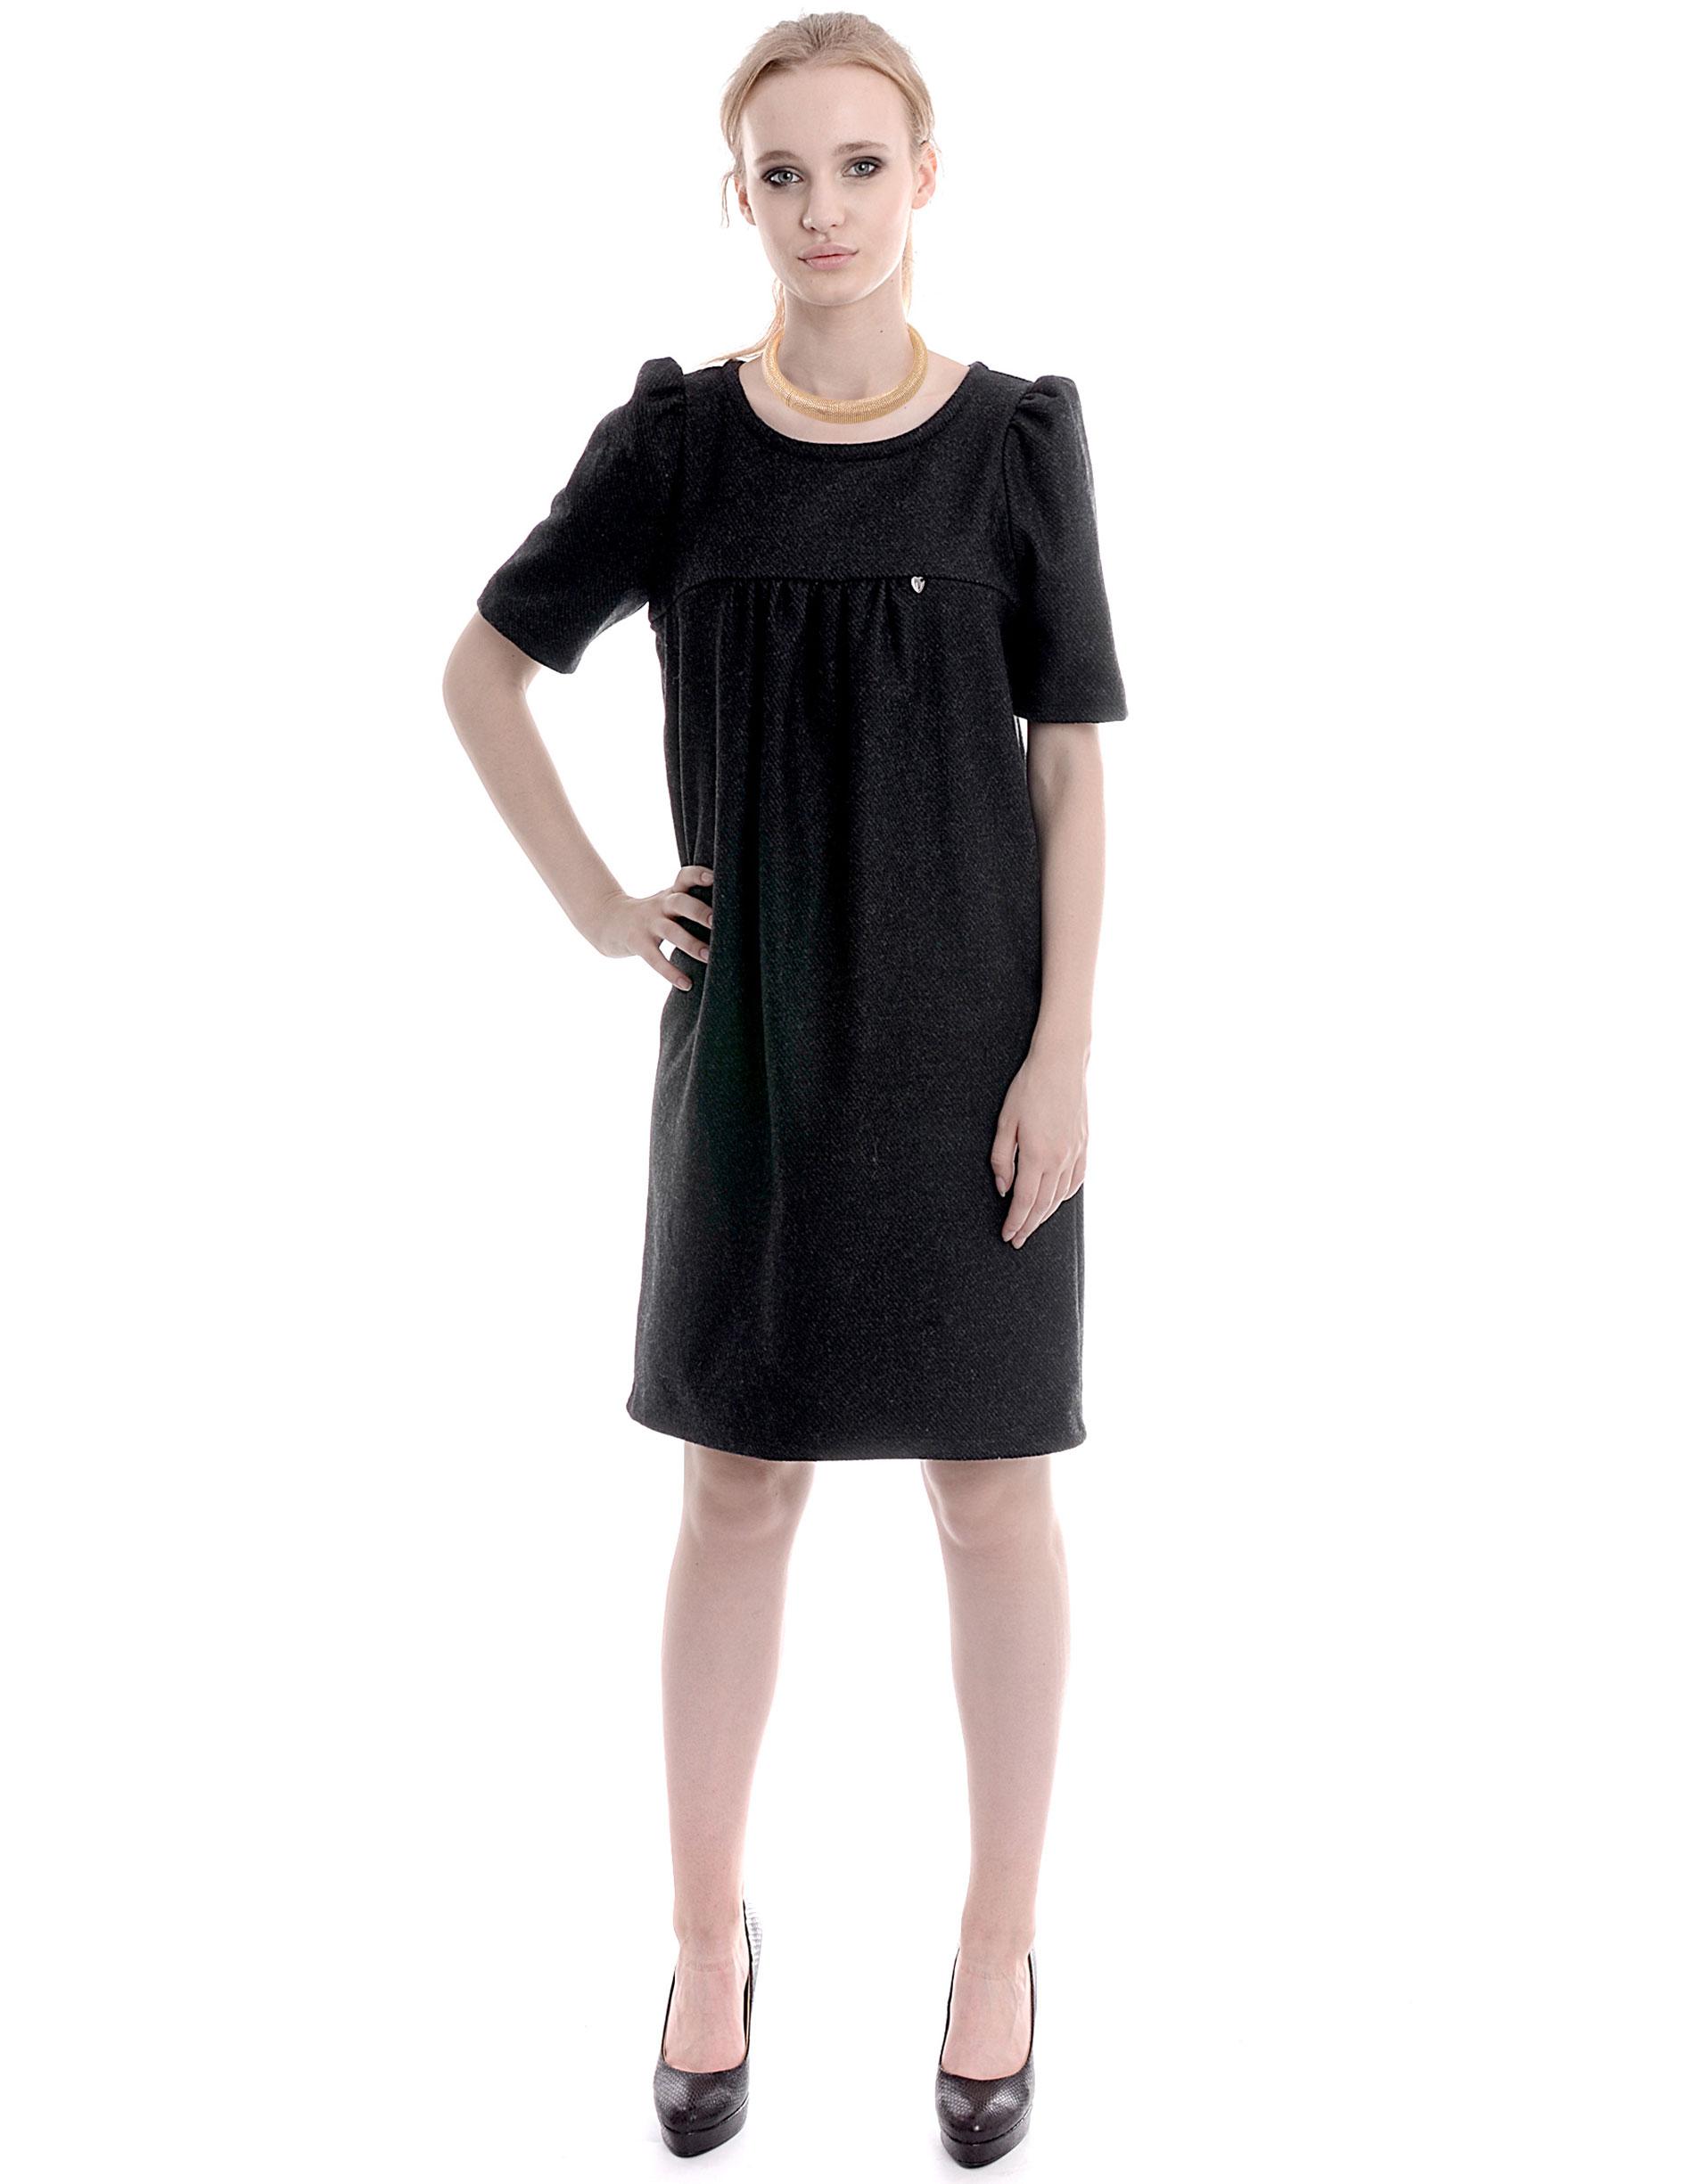 Sukienka - 72-15122 ANTR - Unisono